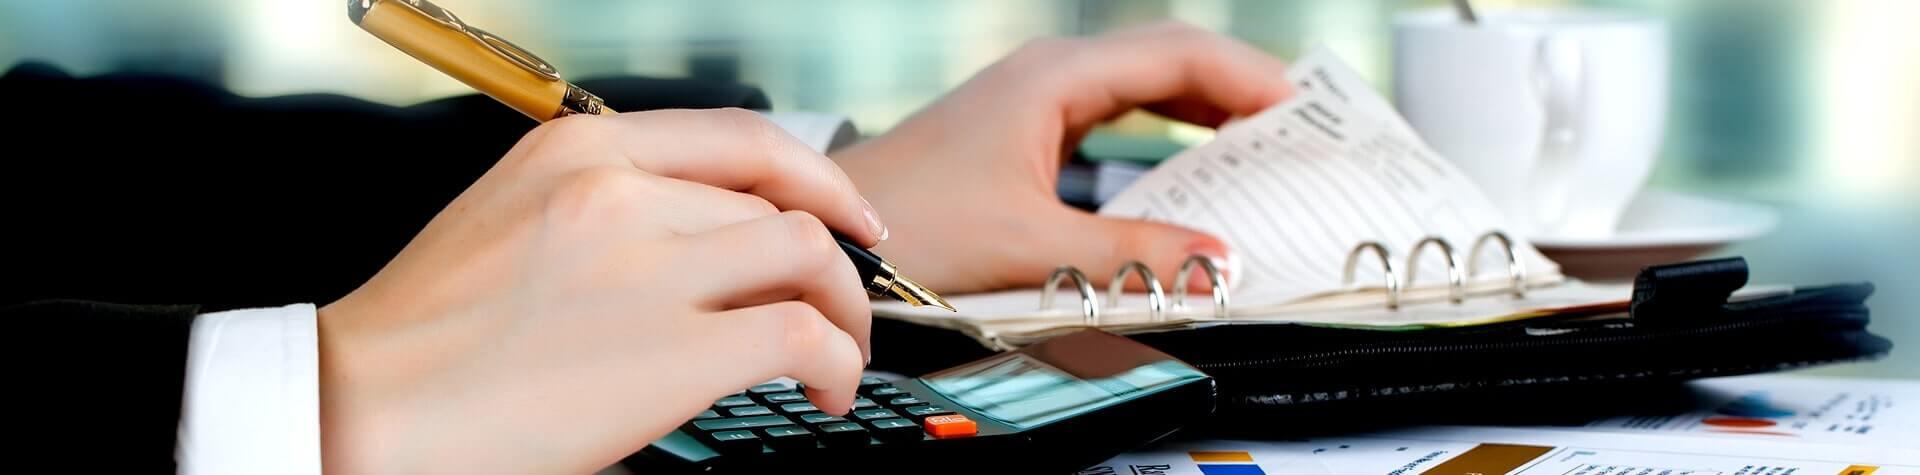 Ֆինանսներ, հաշվապահություն, աուդիտ, բիզնես վերլուծություն